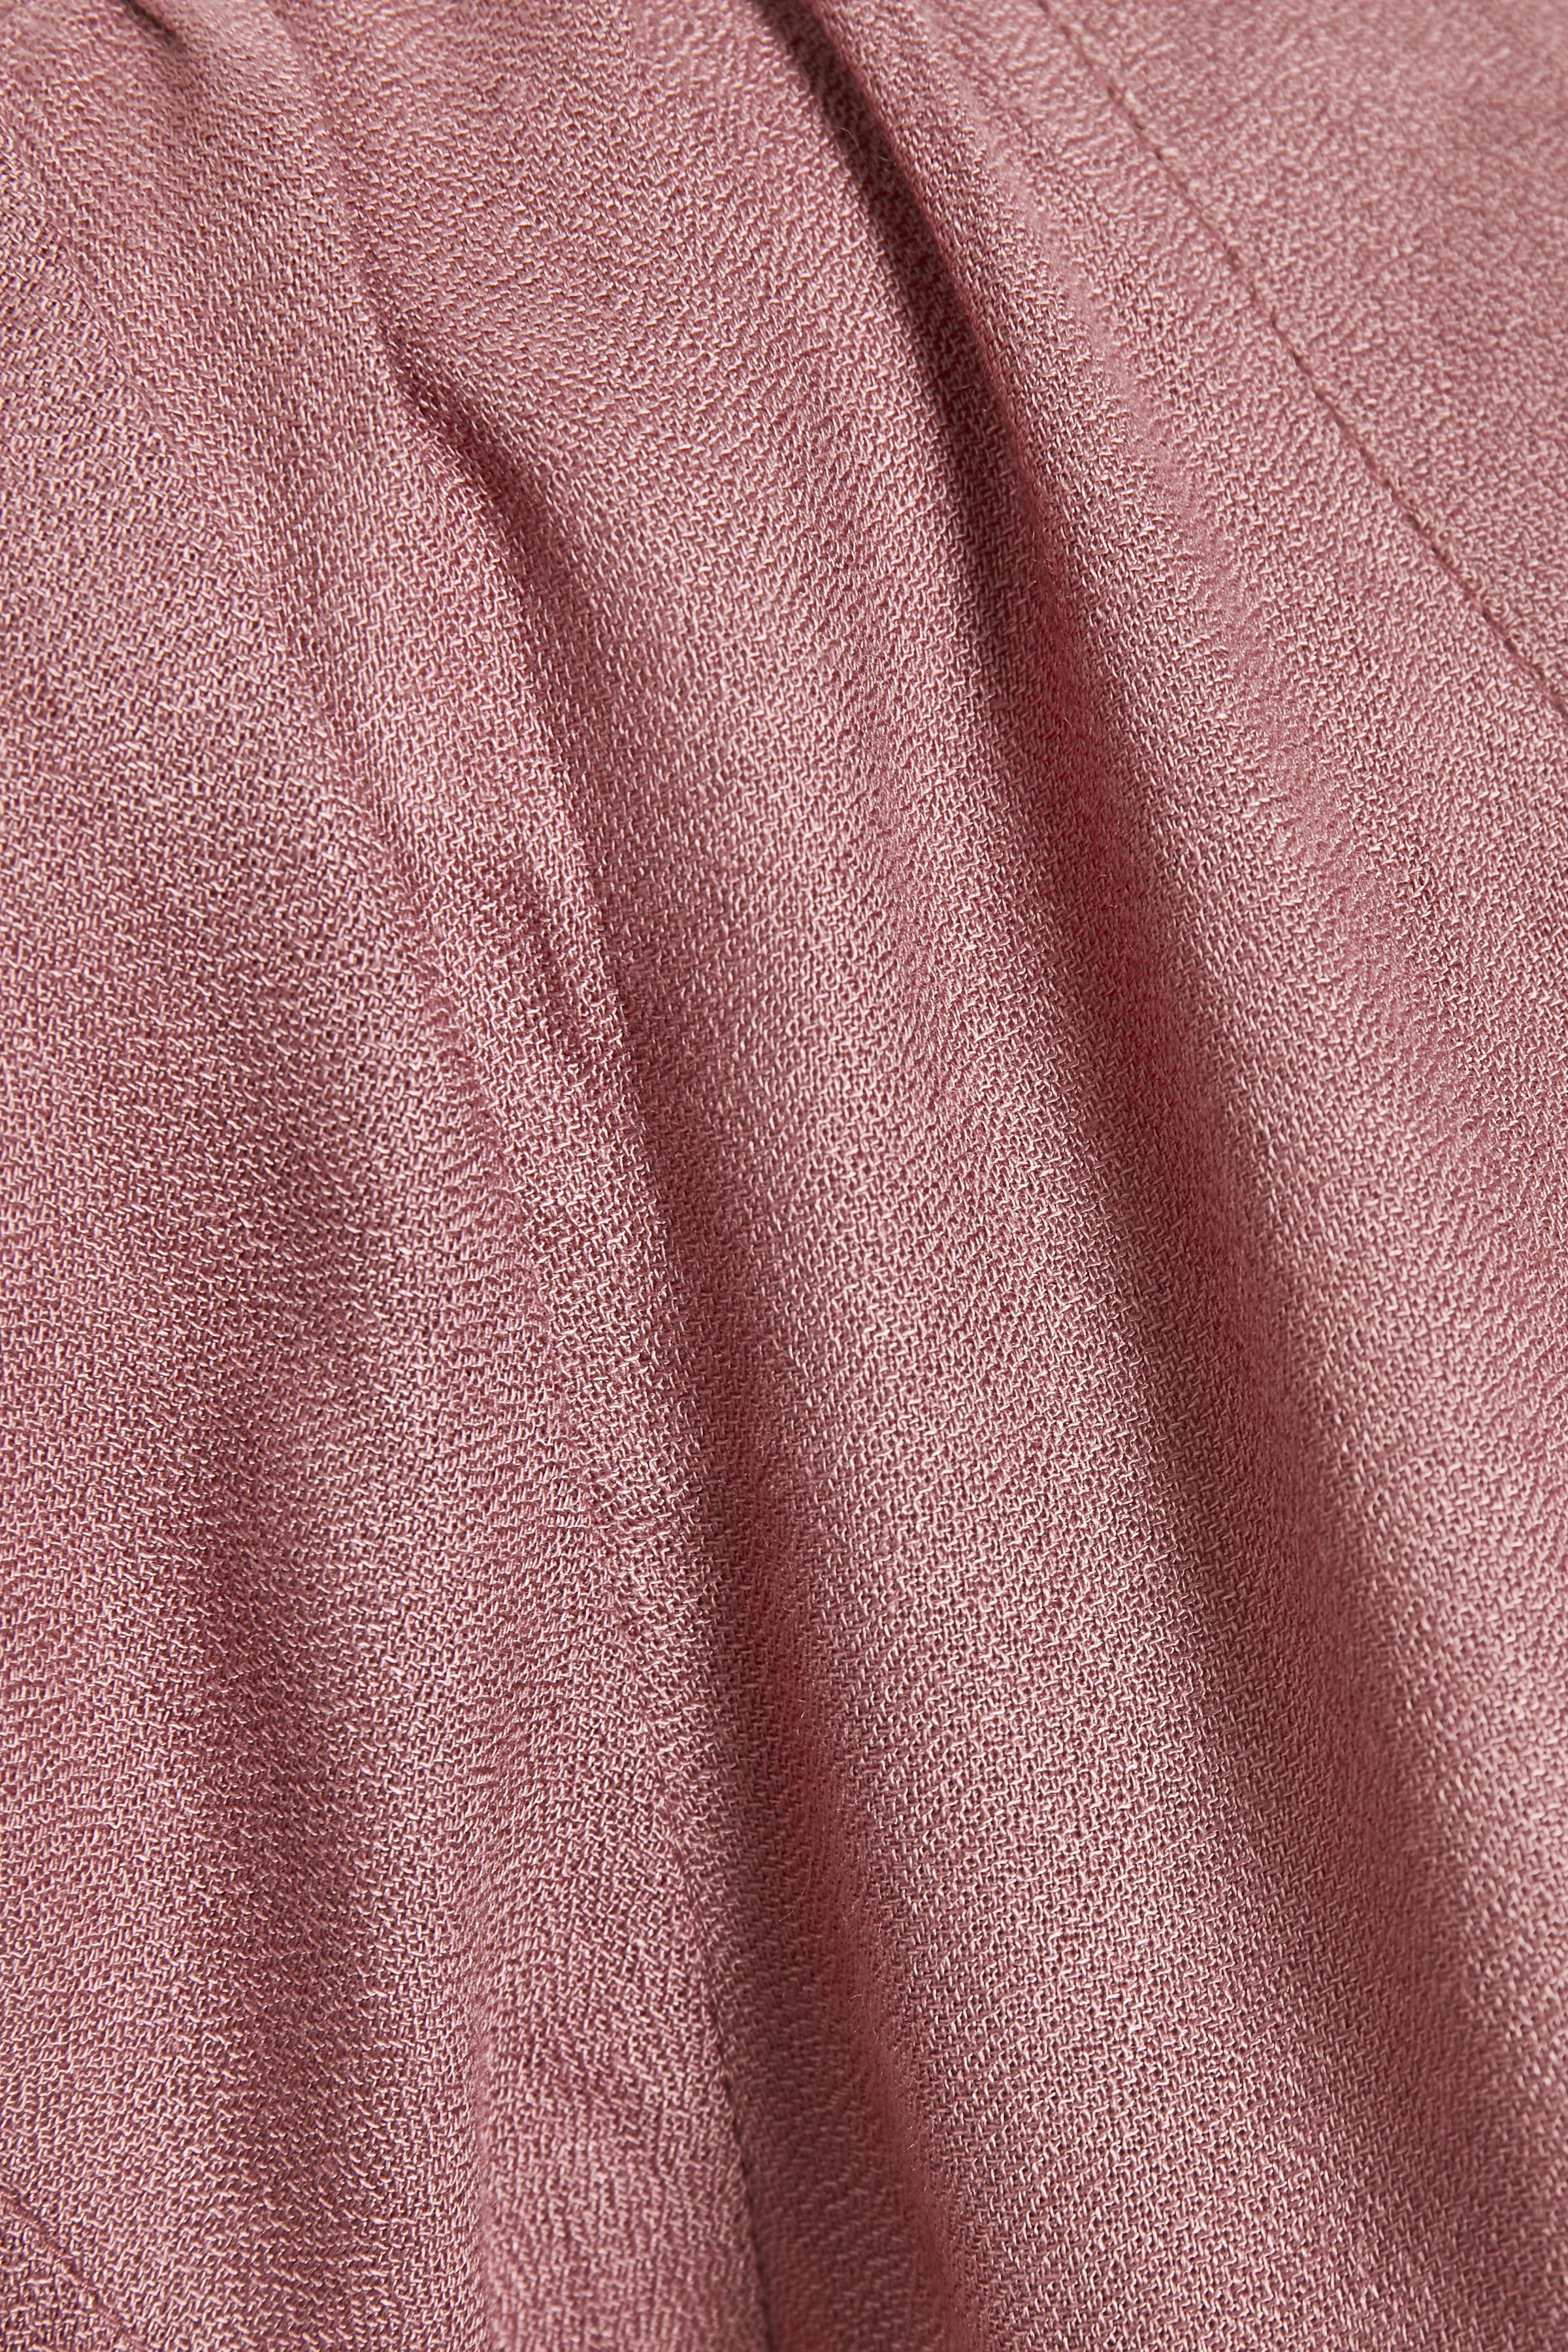 Støvet lyng Kortærmet bluse  fra Bon'A Parte – Køb Støvet lyng Kortærmet bluse  fra str. S-2XL her